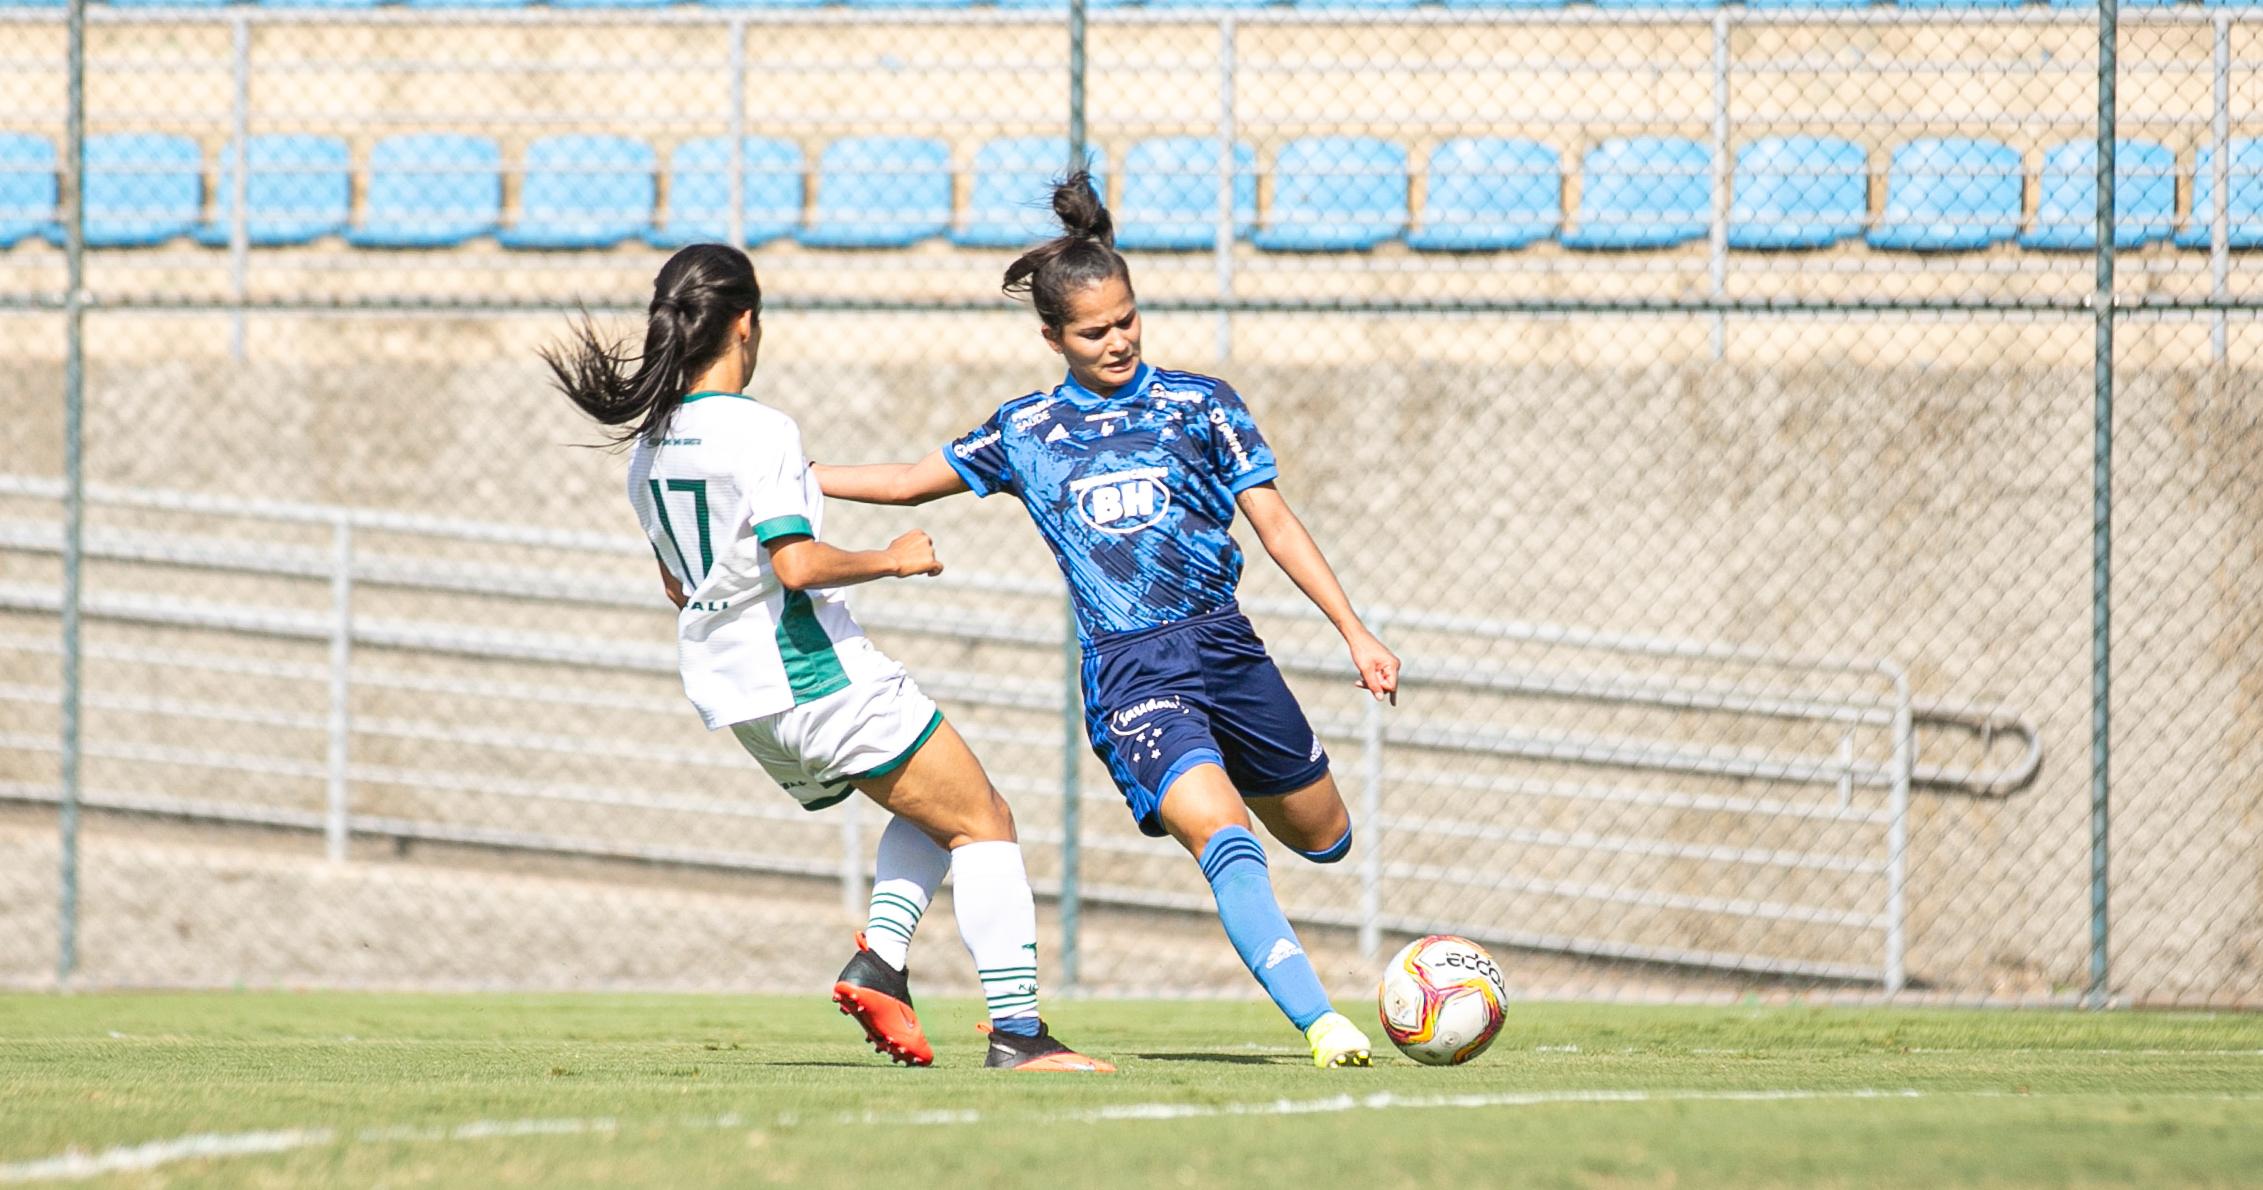 Transmissão Cruzeiro x América campeonato mineiro feminino